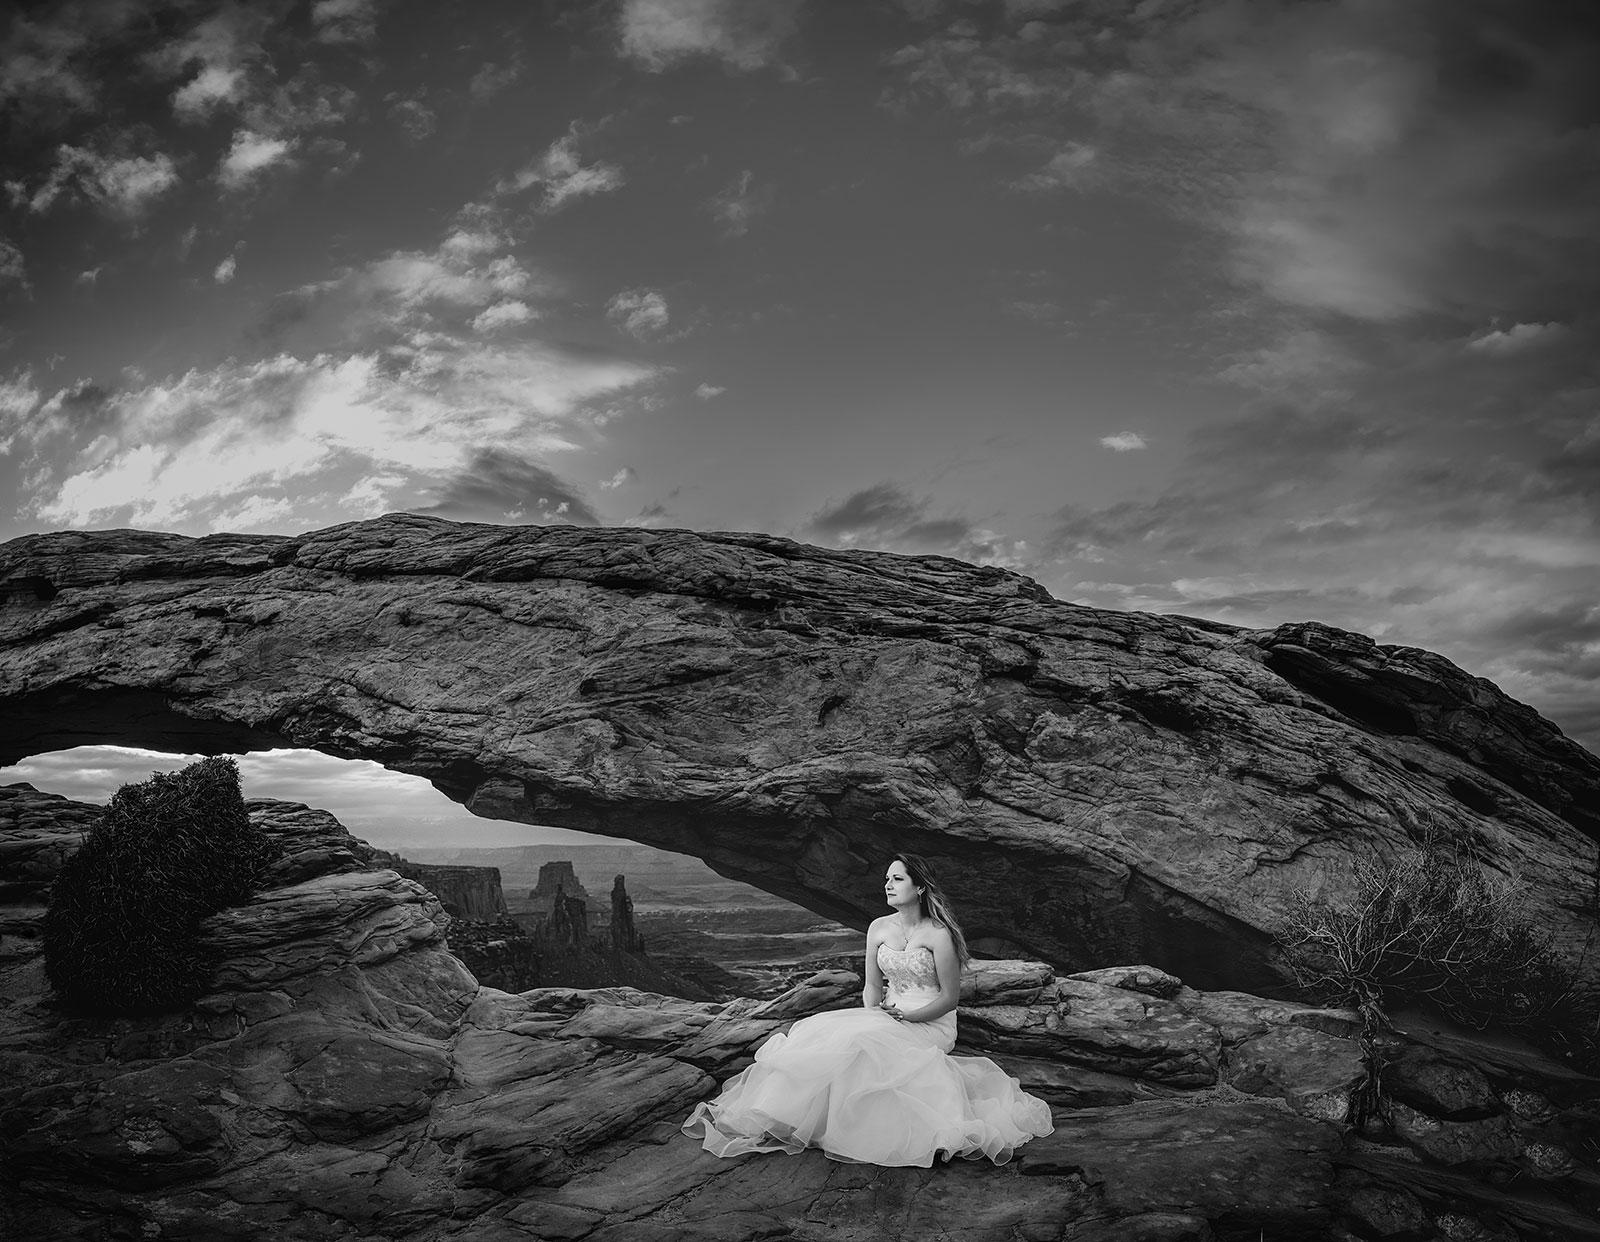 Moab Wedding Photography: Moab, Utah @ ALTF PHOTOGRAPHY